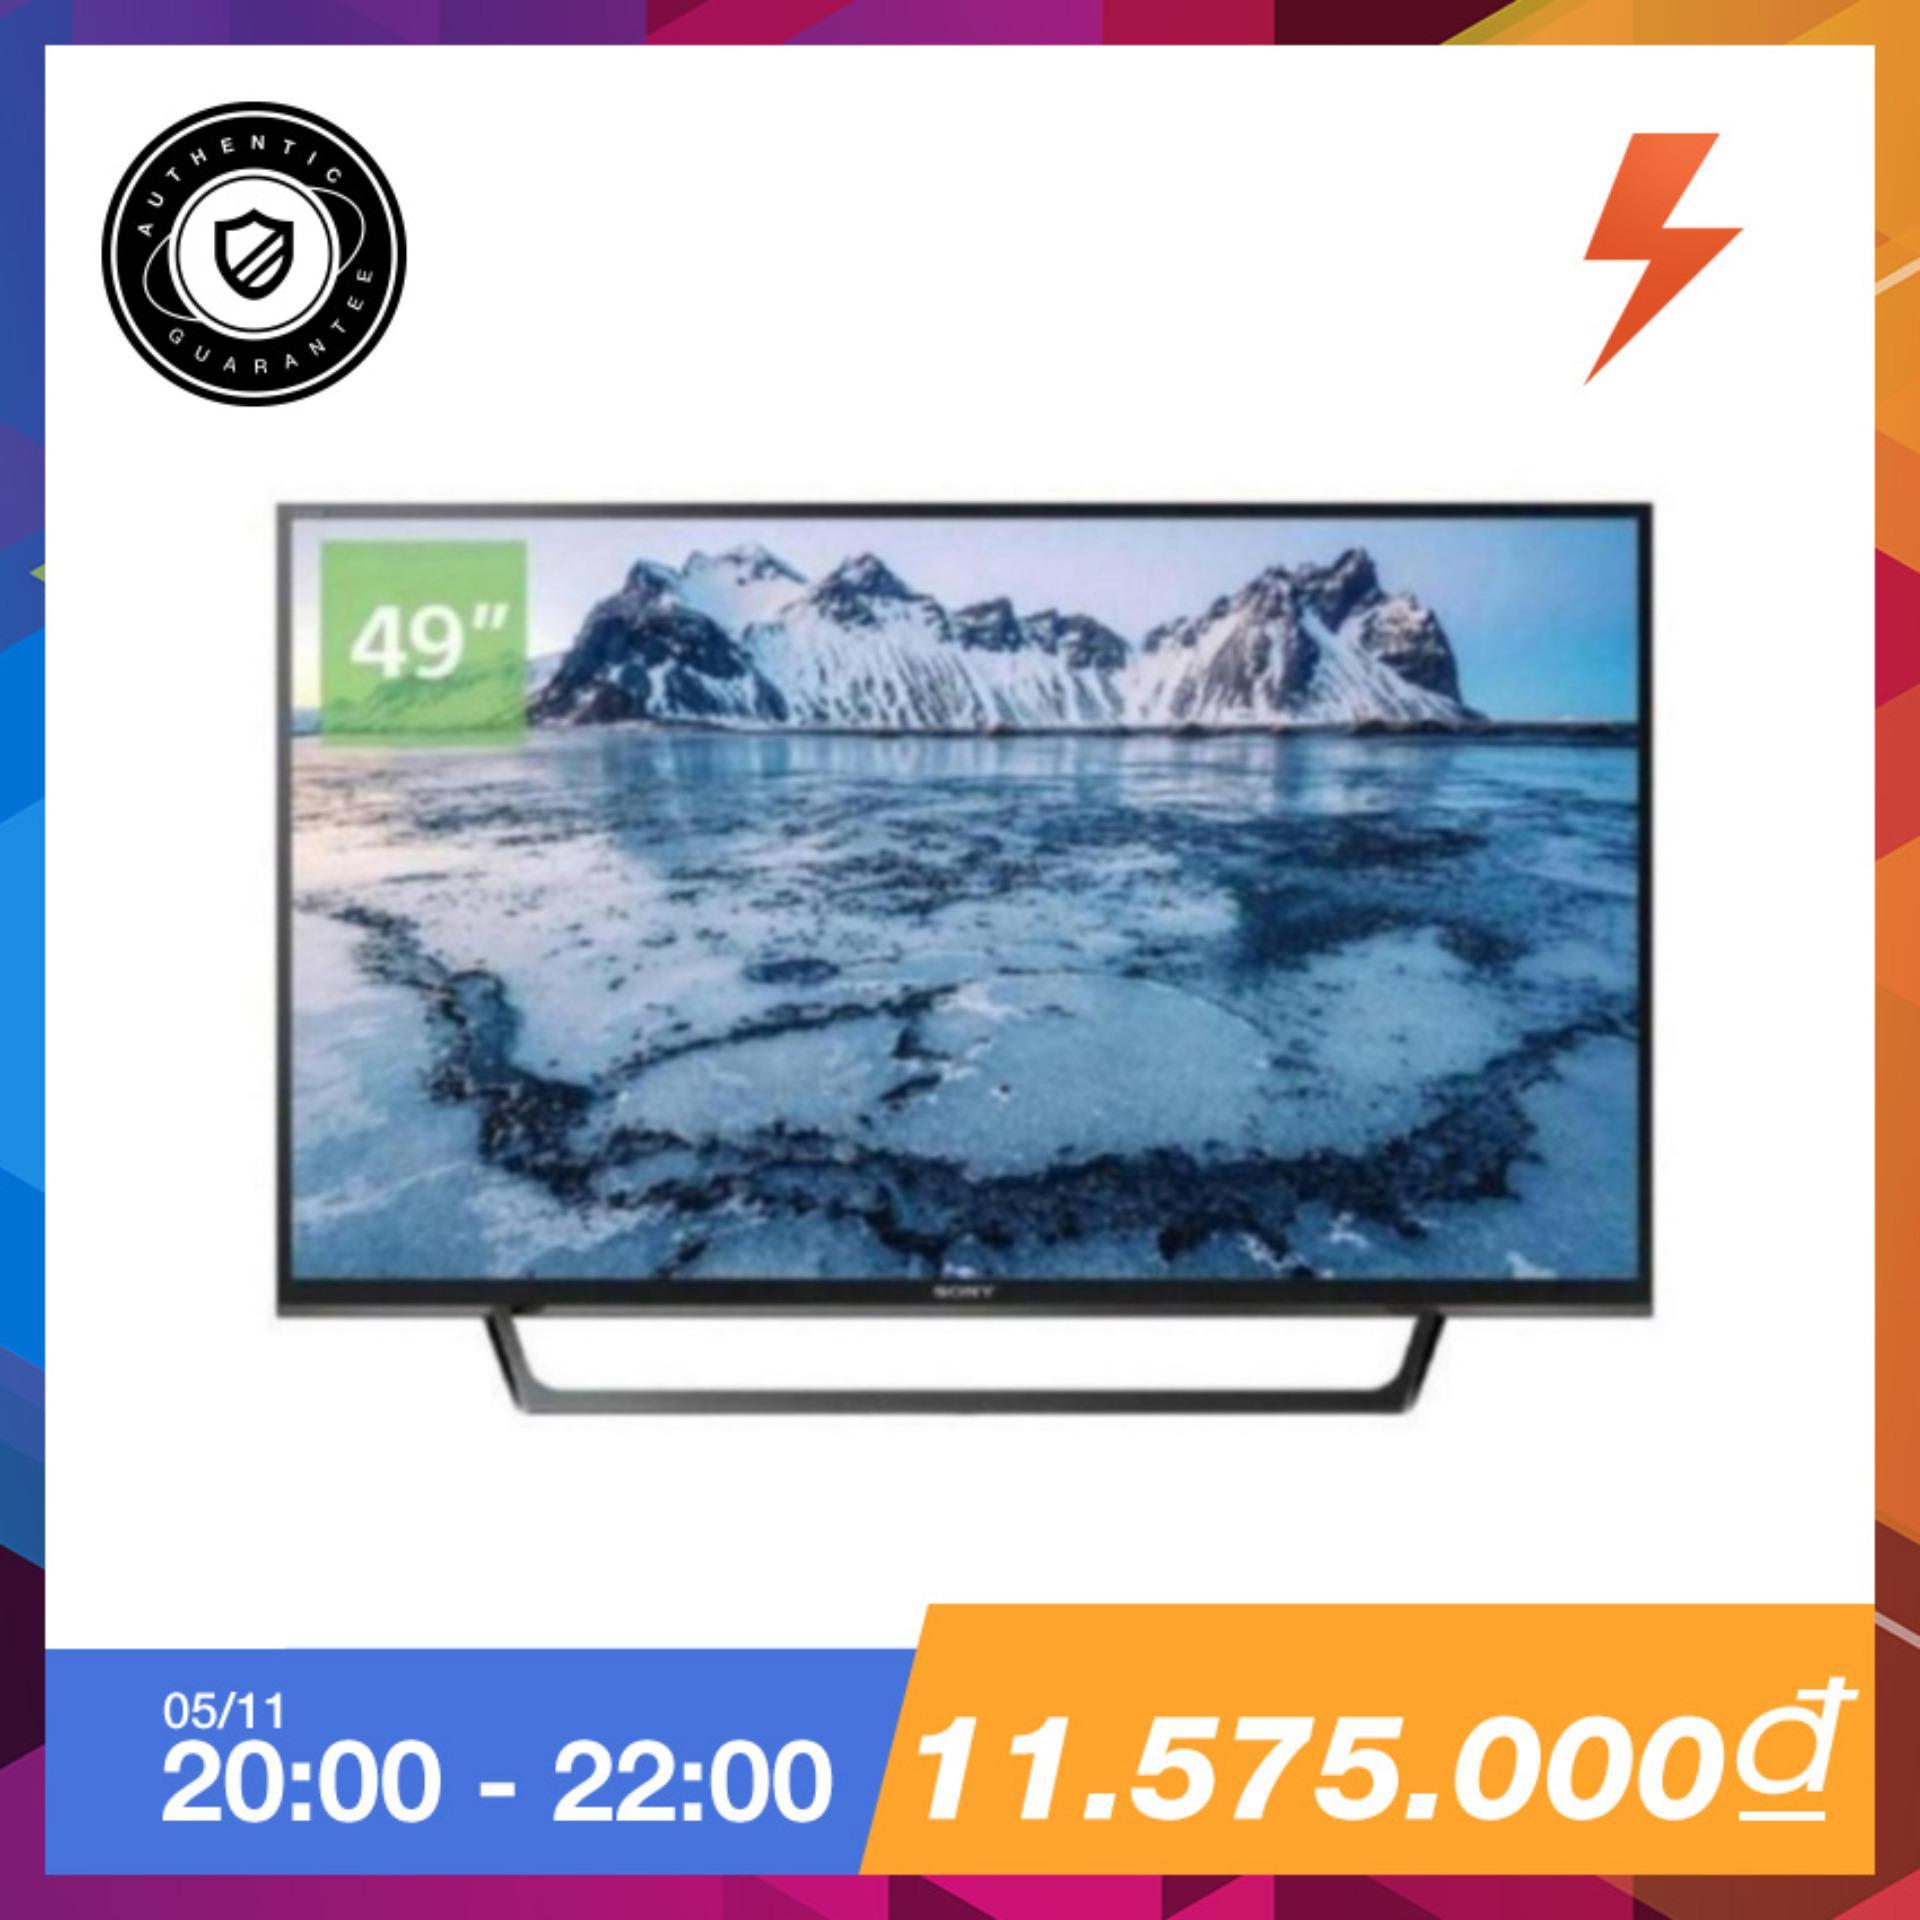 Mã Khuyến Mại Internet Tv Led Sony 49Inch Full Hd Model Kdl 49W660E Vn3 Đen Sony Mới Nhất